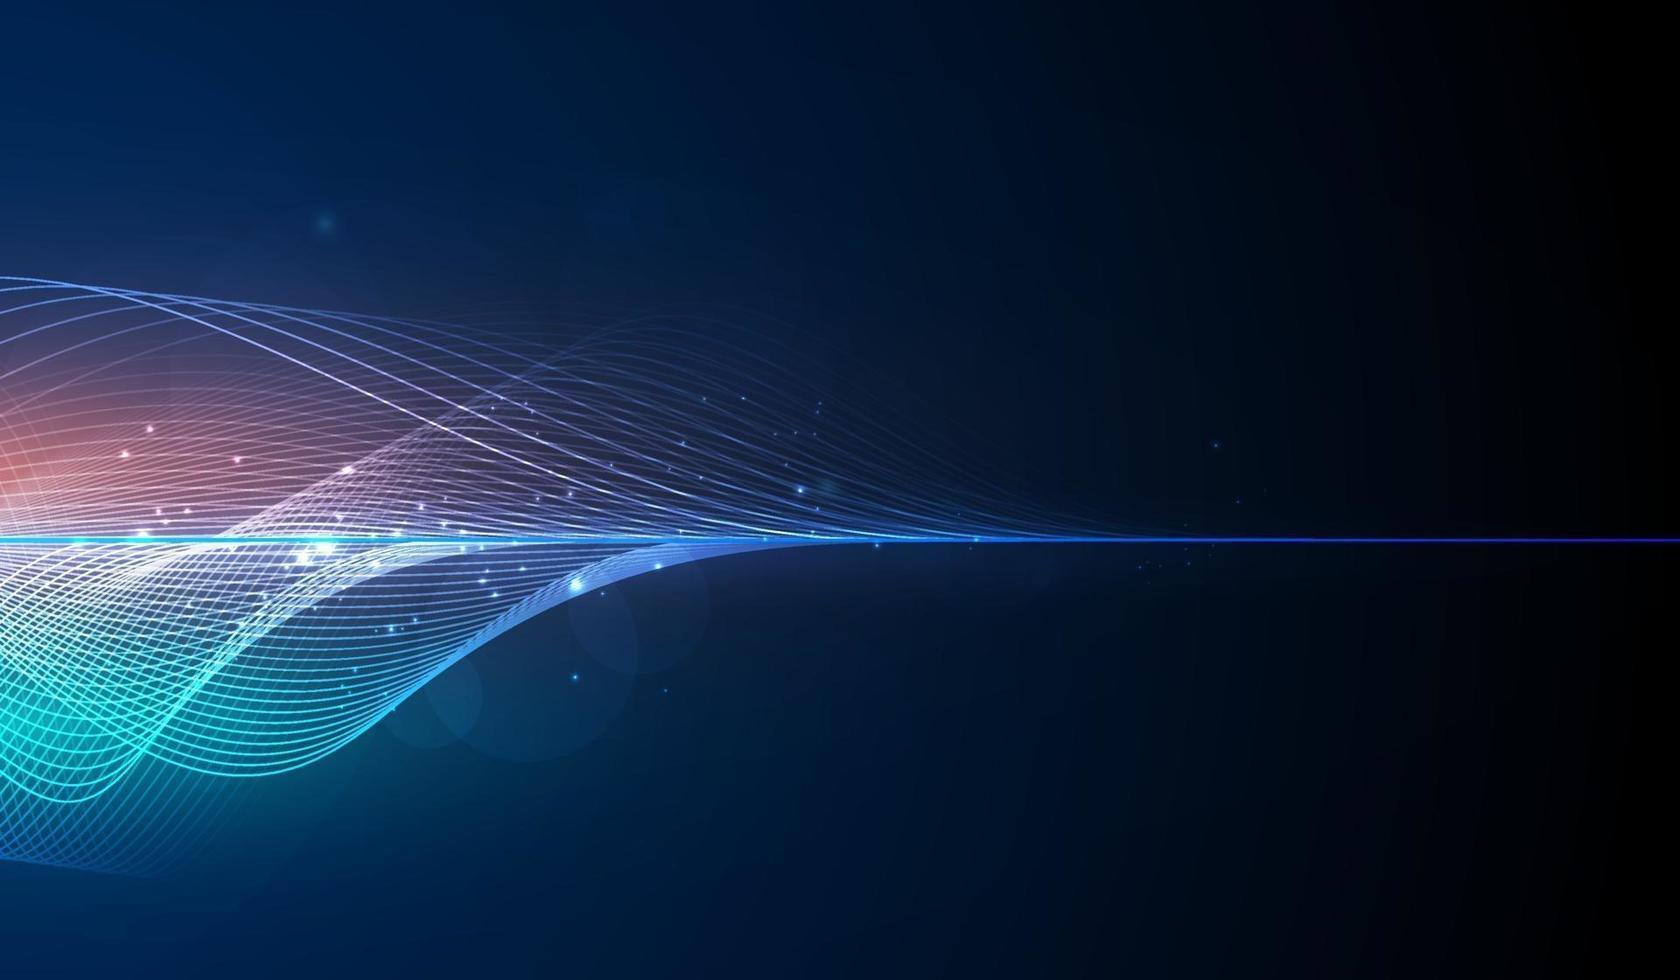 abstrakt blå digital equalizer, vektor av ljudvågmönsterelement